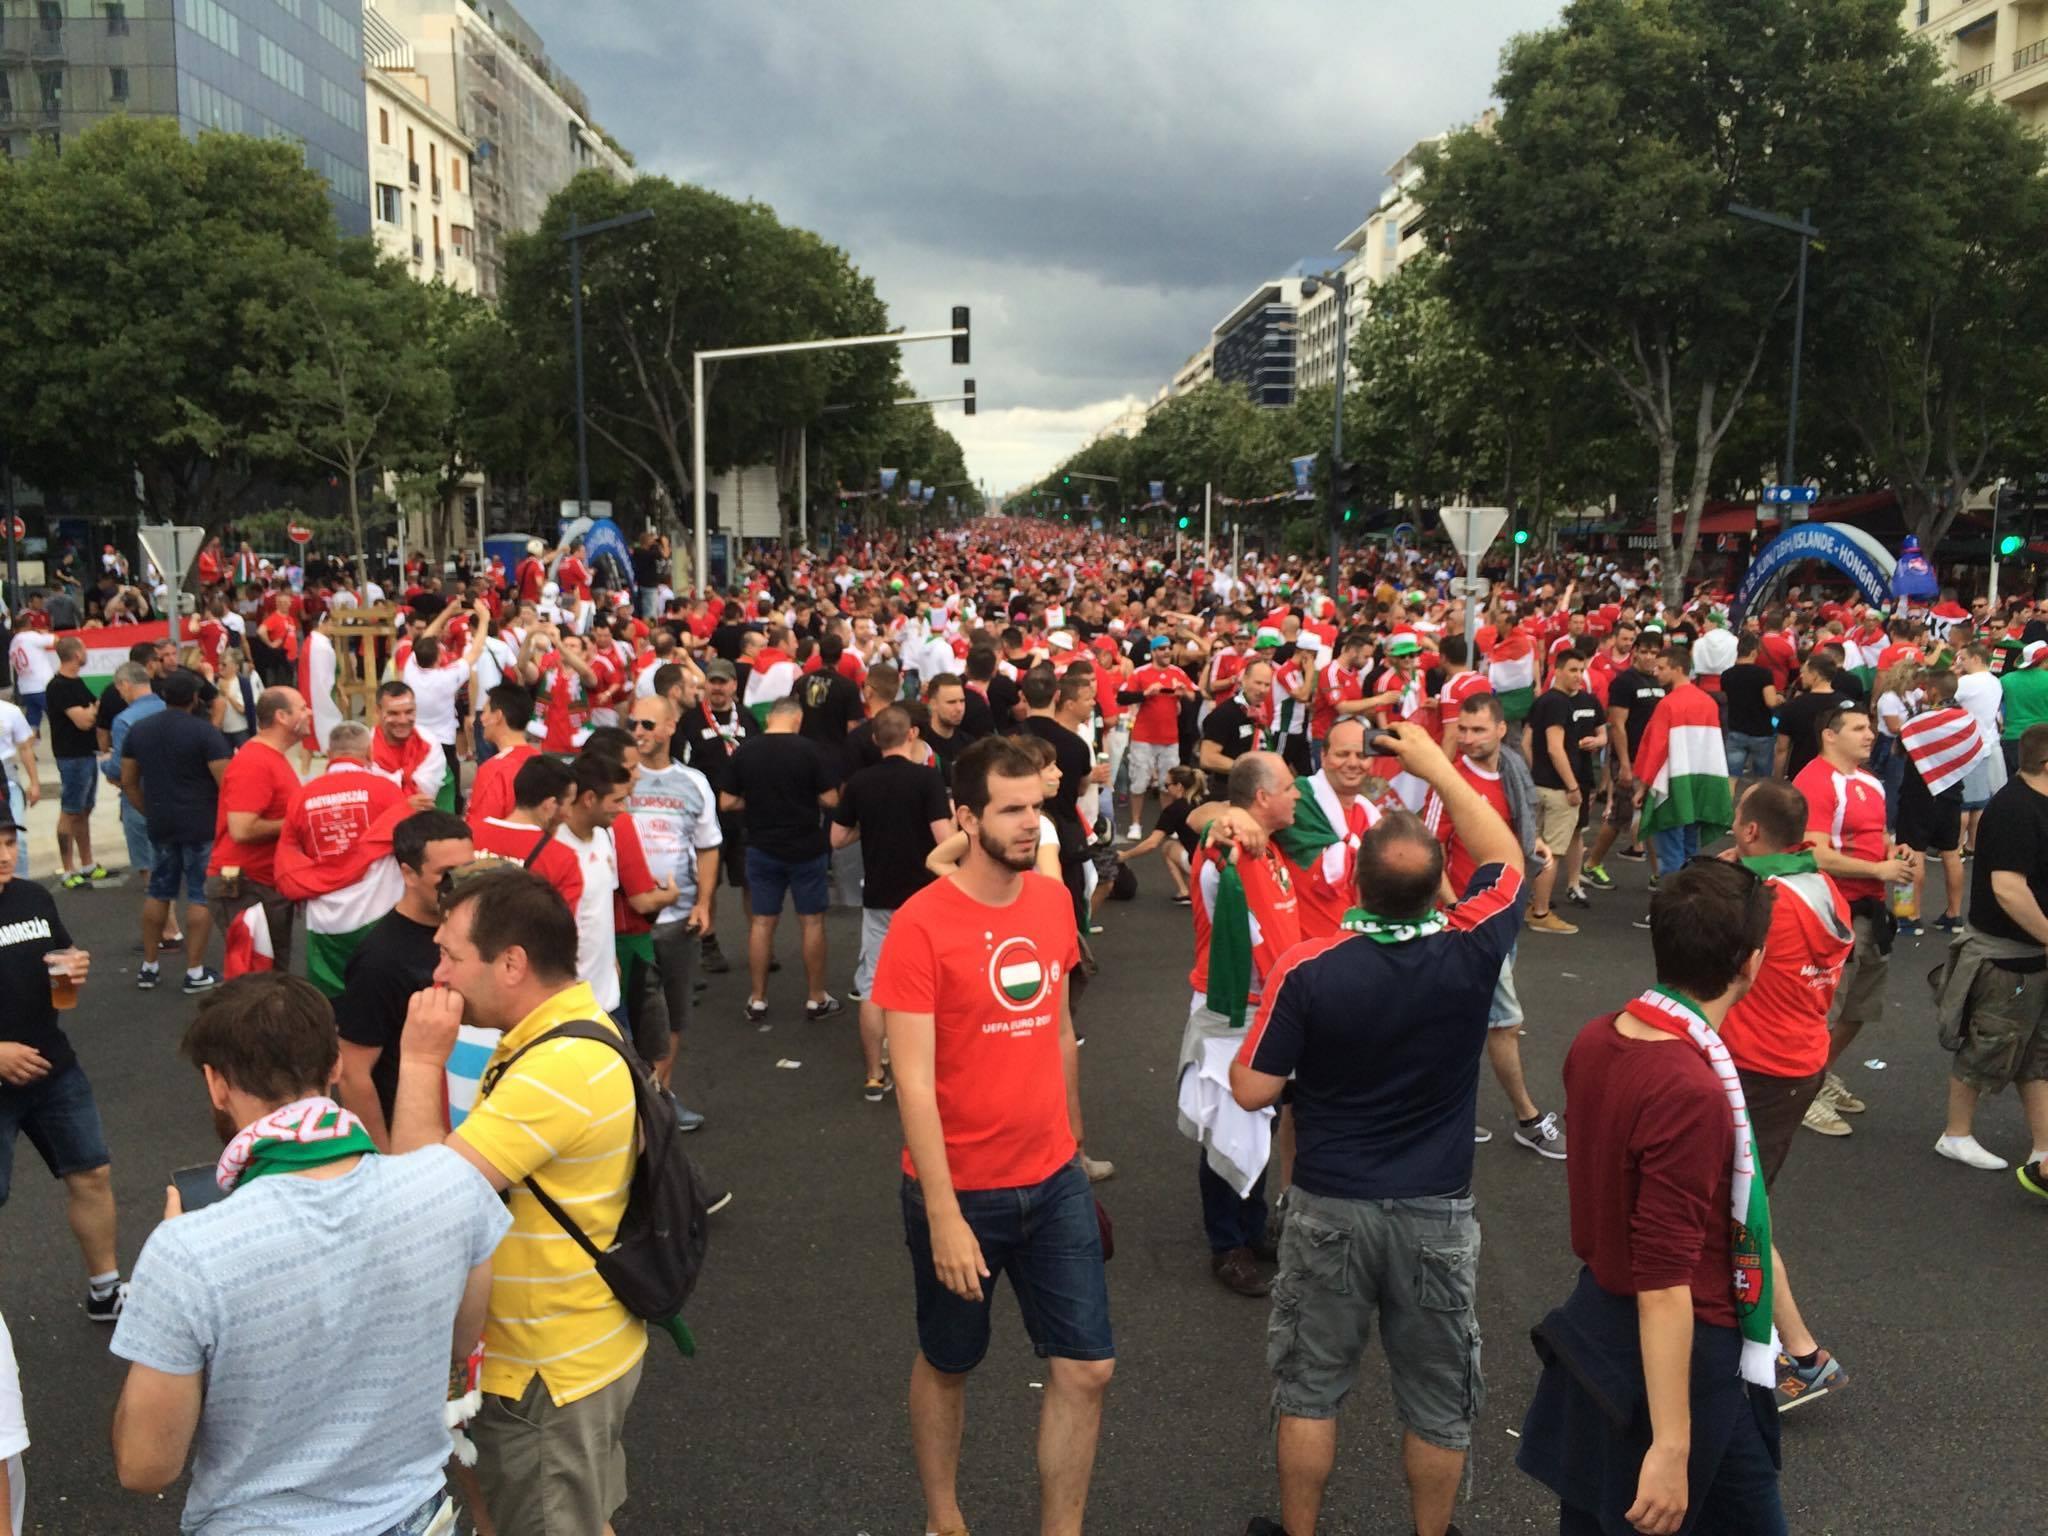 Annyi a magyar szurkoló Marseille-ben, hogy nem is látni a tömeg végét